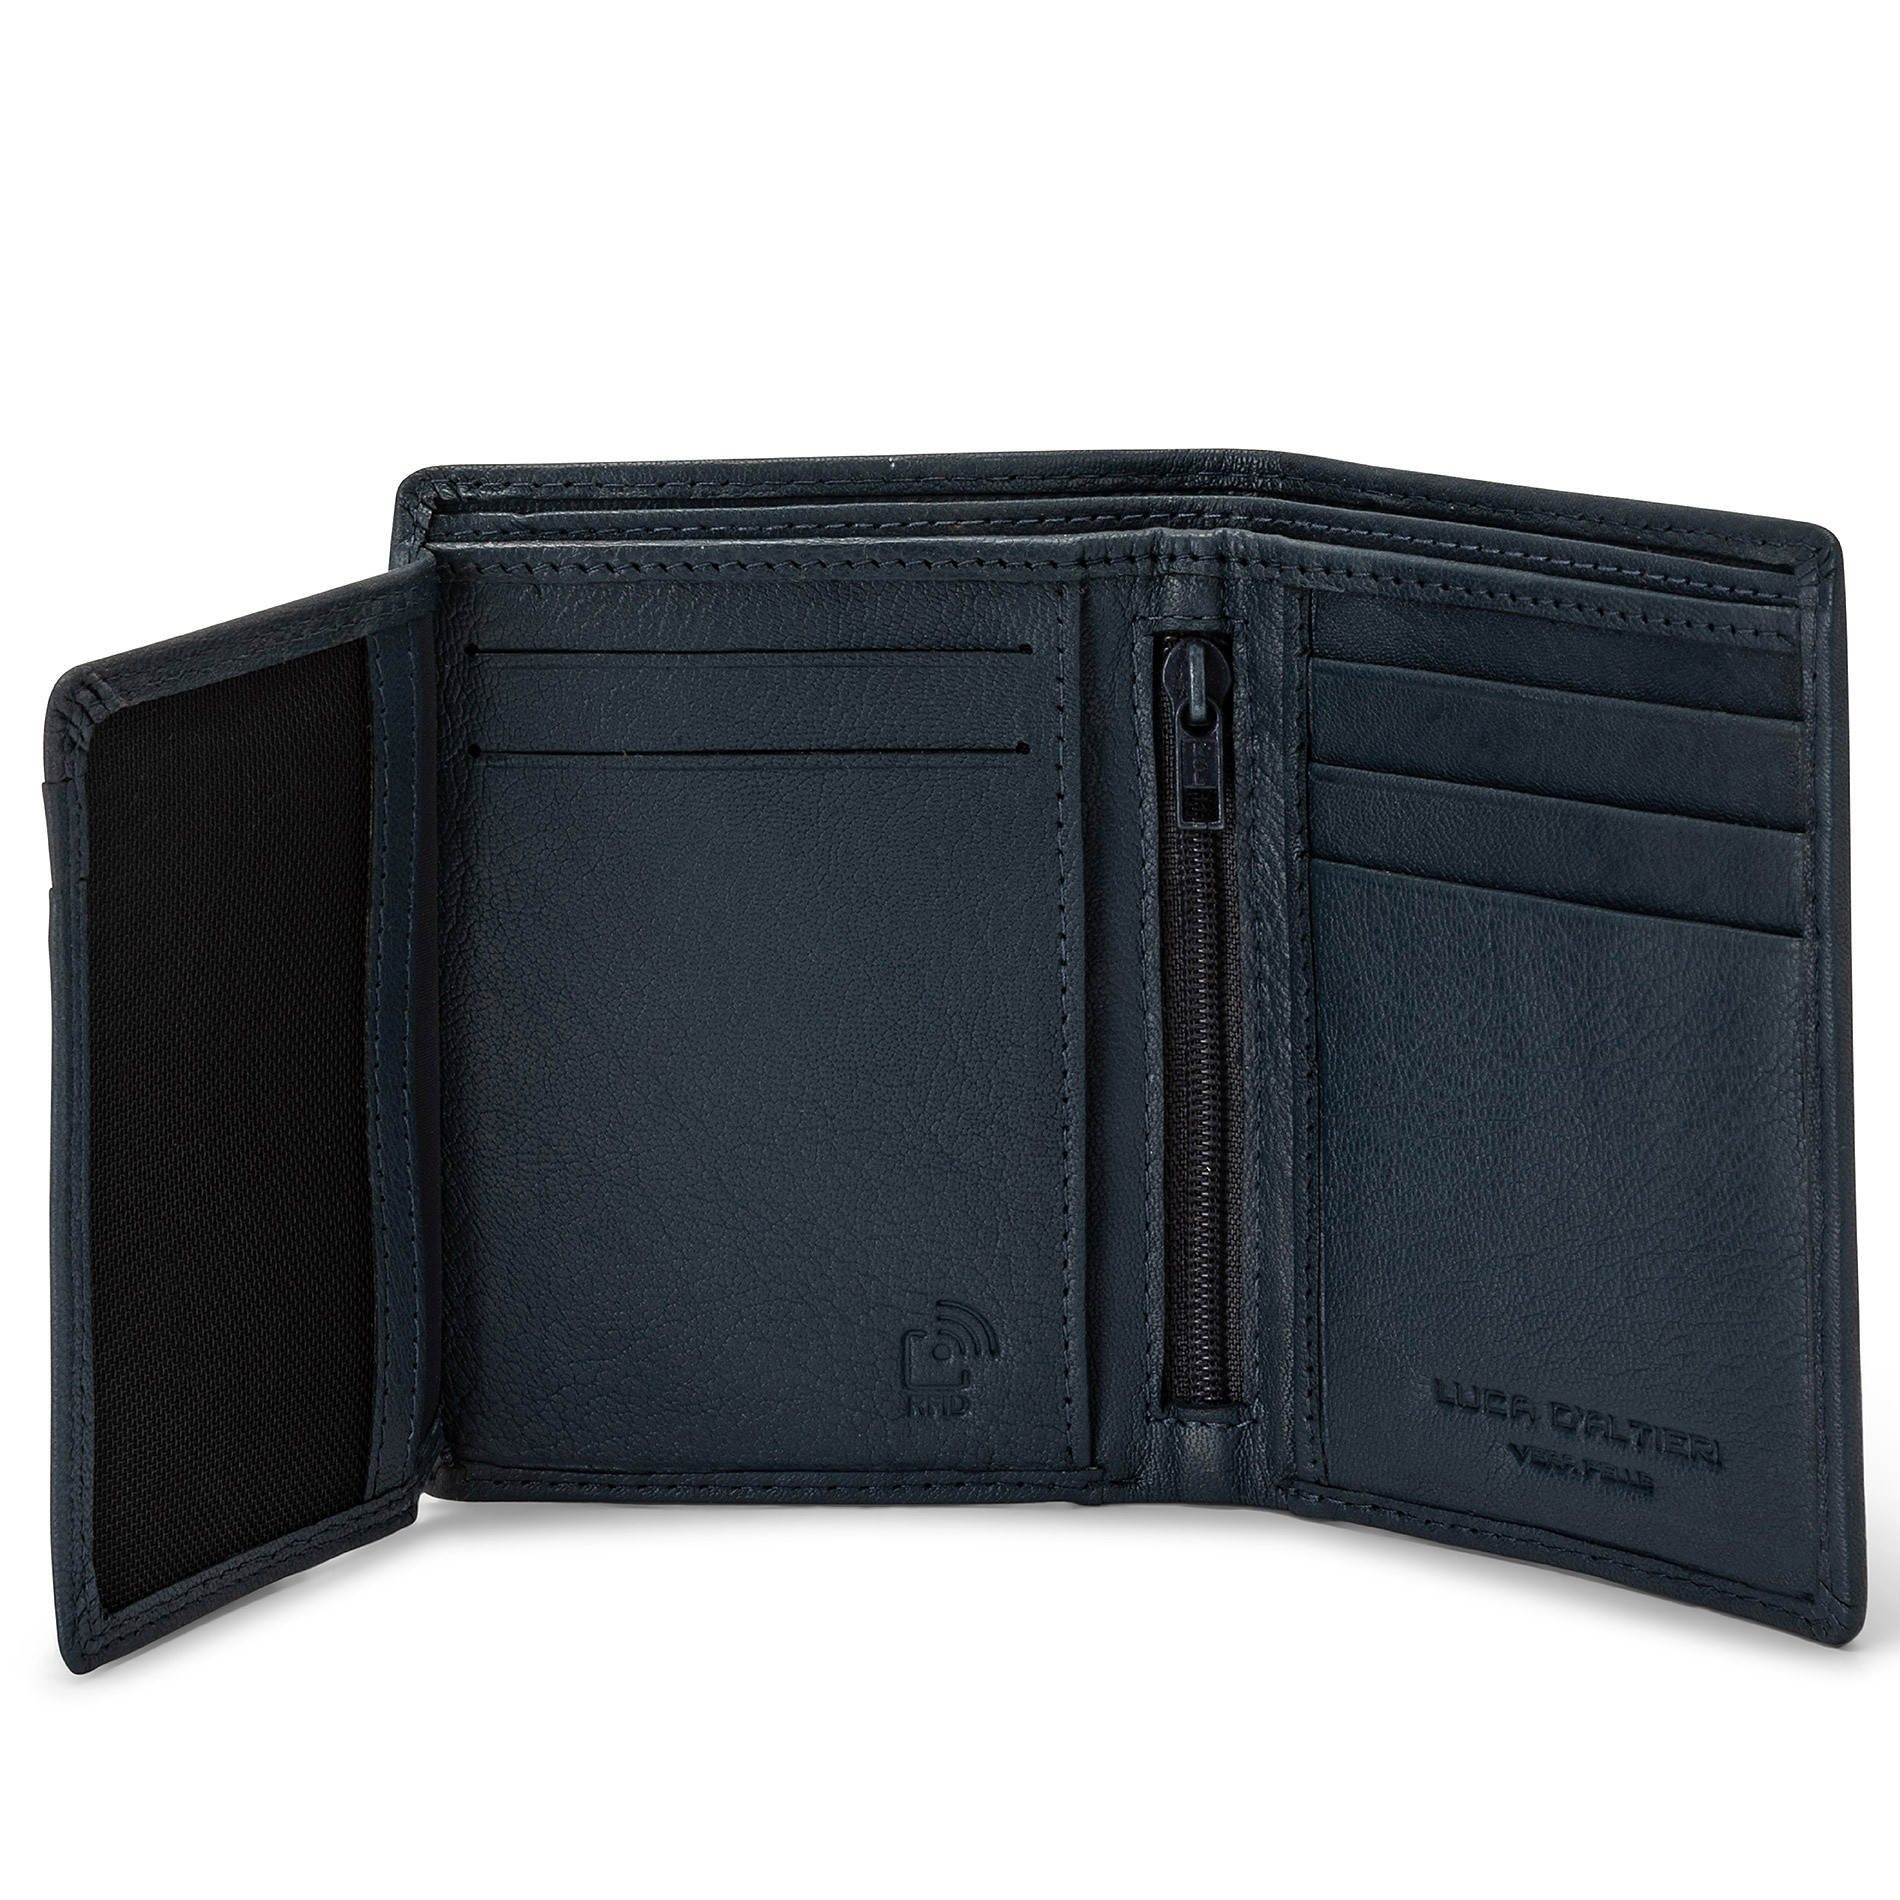 Portafoglio in pelle con zip Luca D'Altieri, Blu scuro, large image number 2